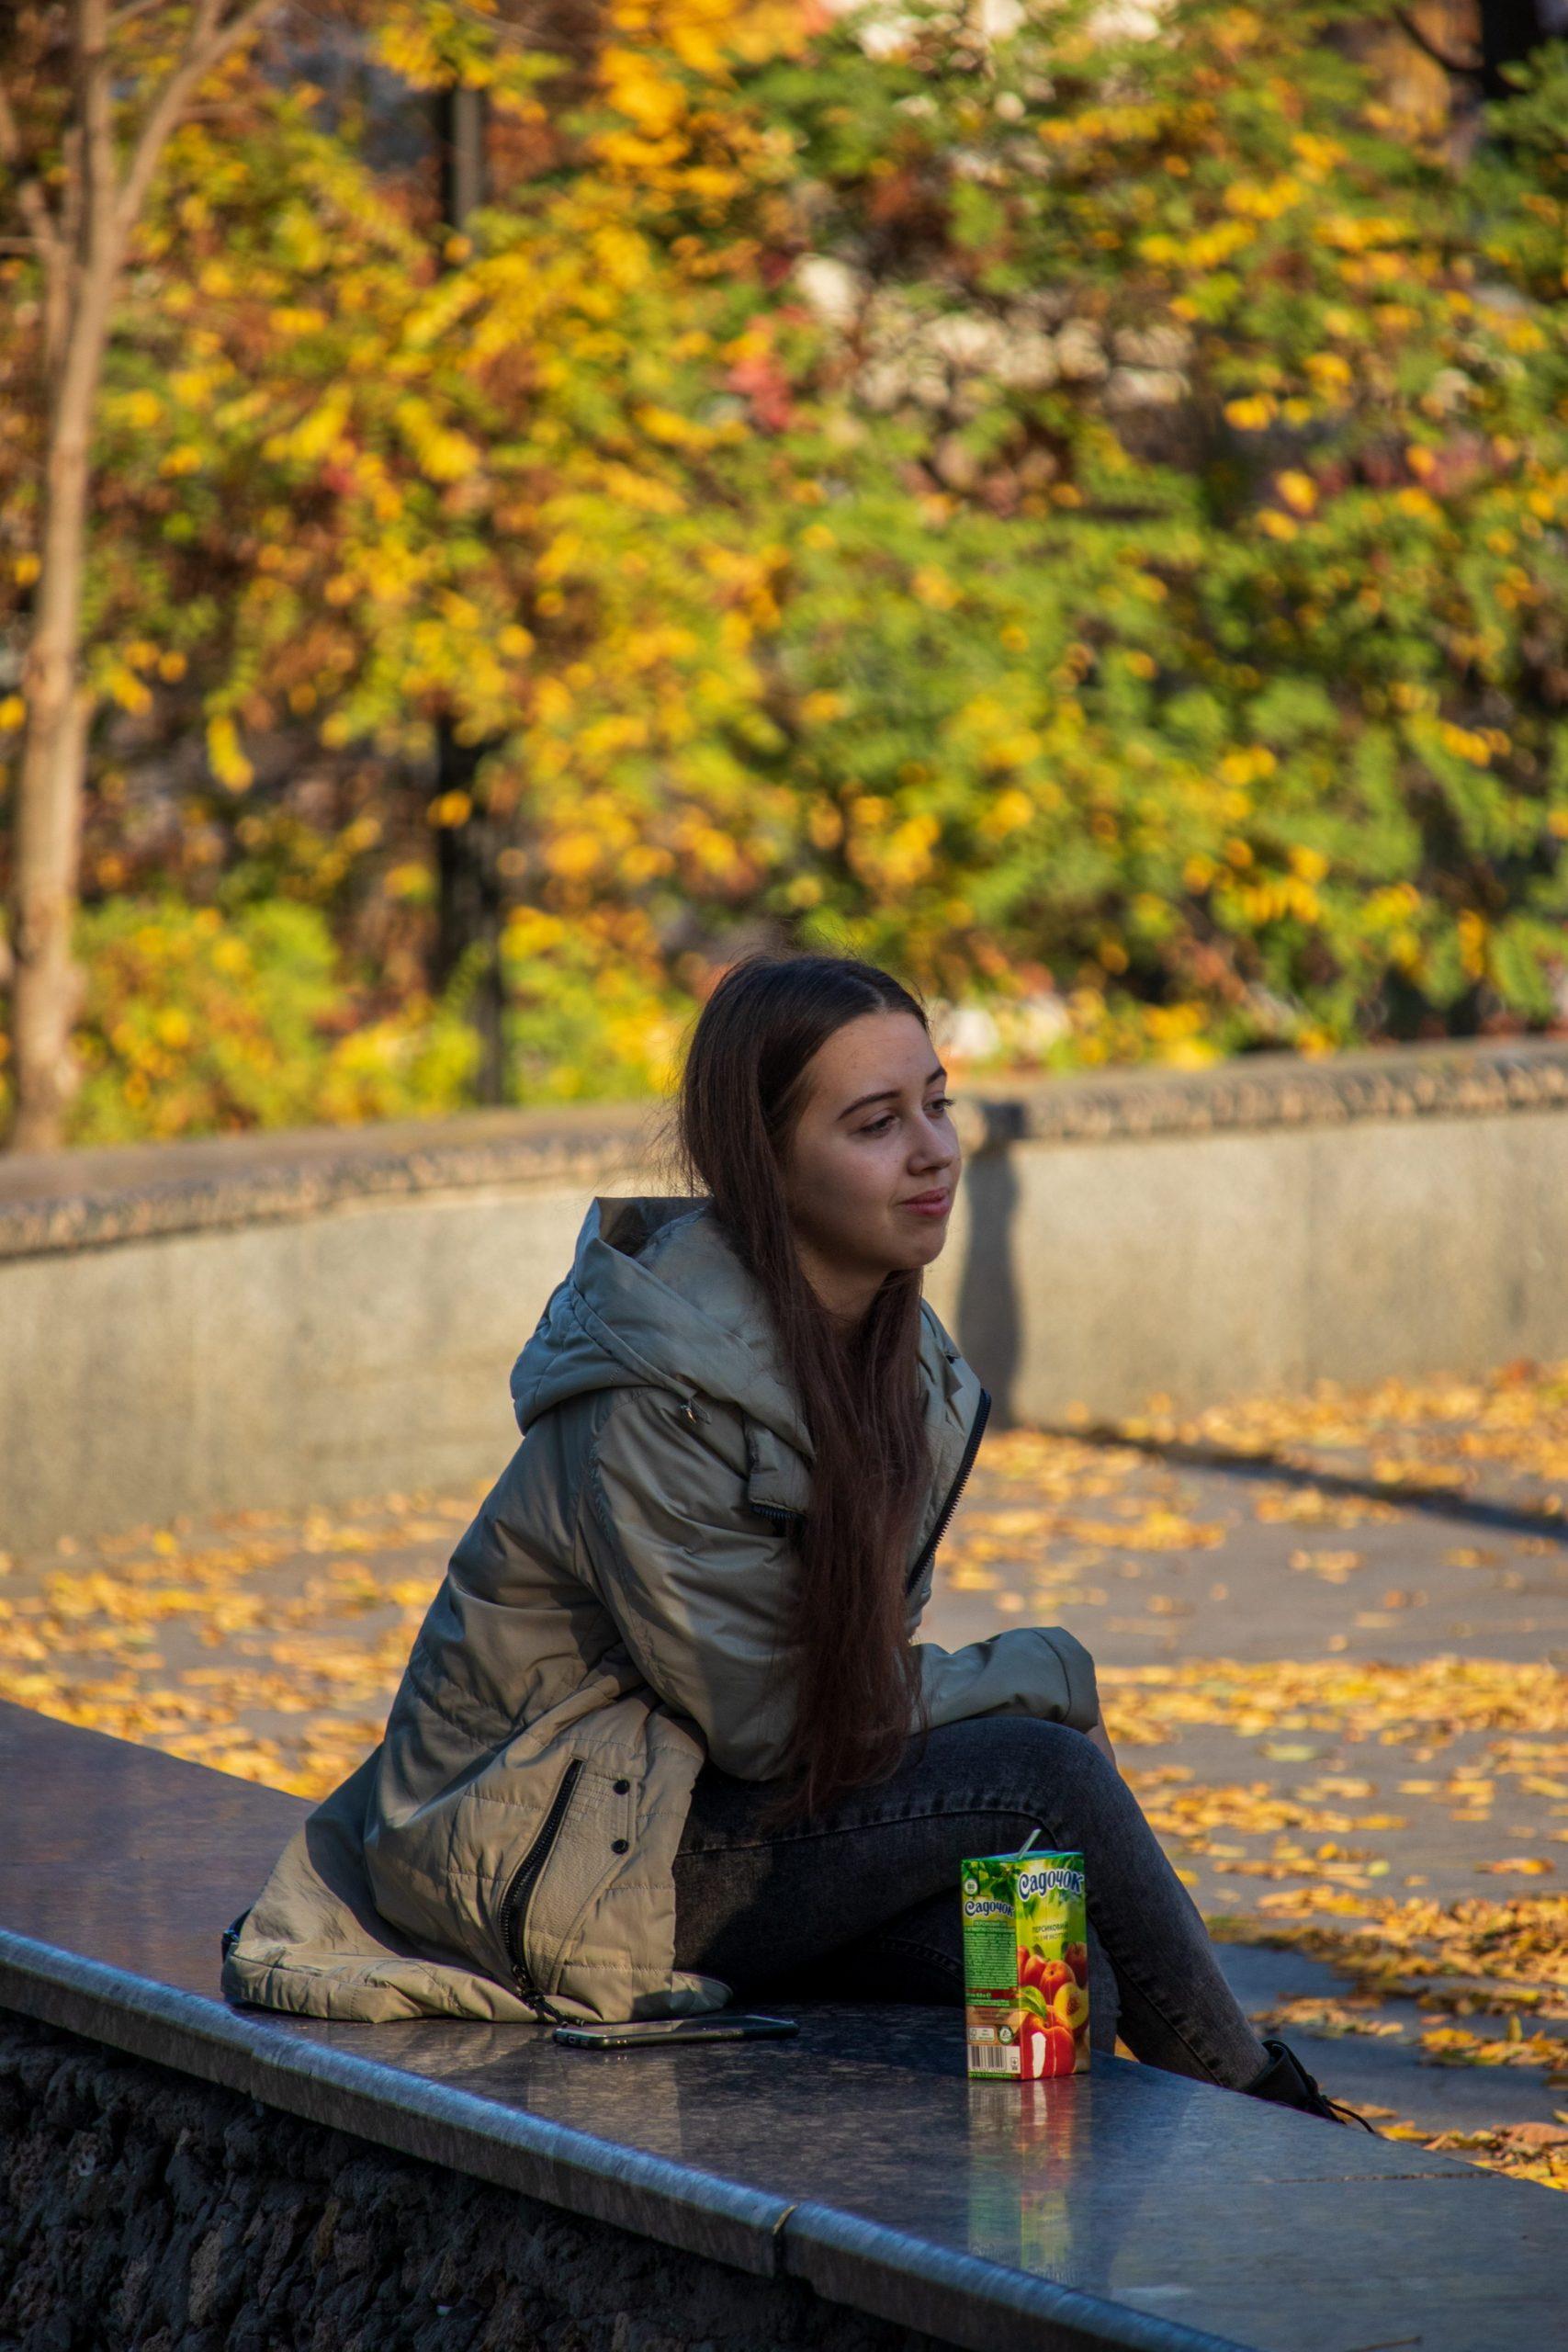 Девушка сидит в центре города на заборчике и пьет сок – bur4ik.ru – 21.01.2020 - фото 3